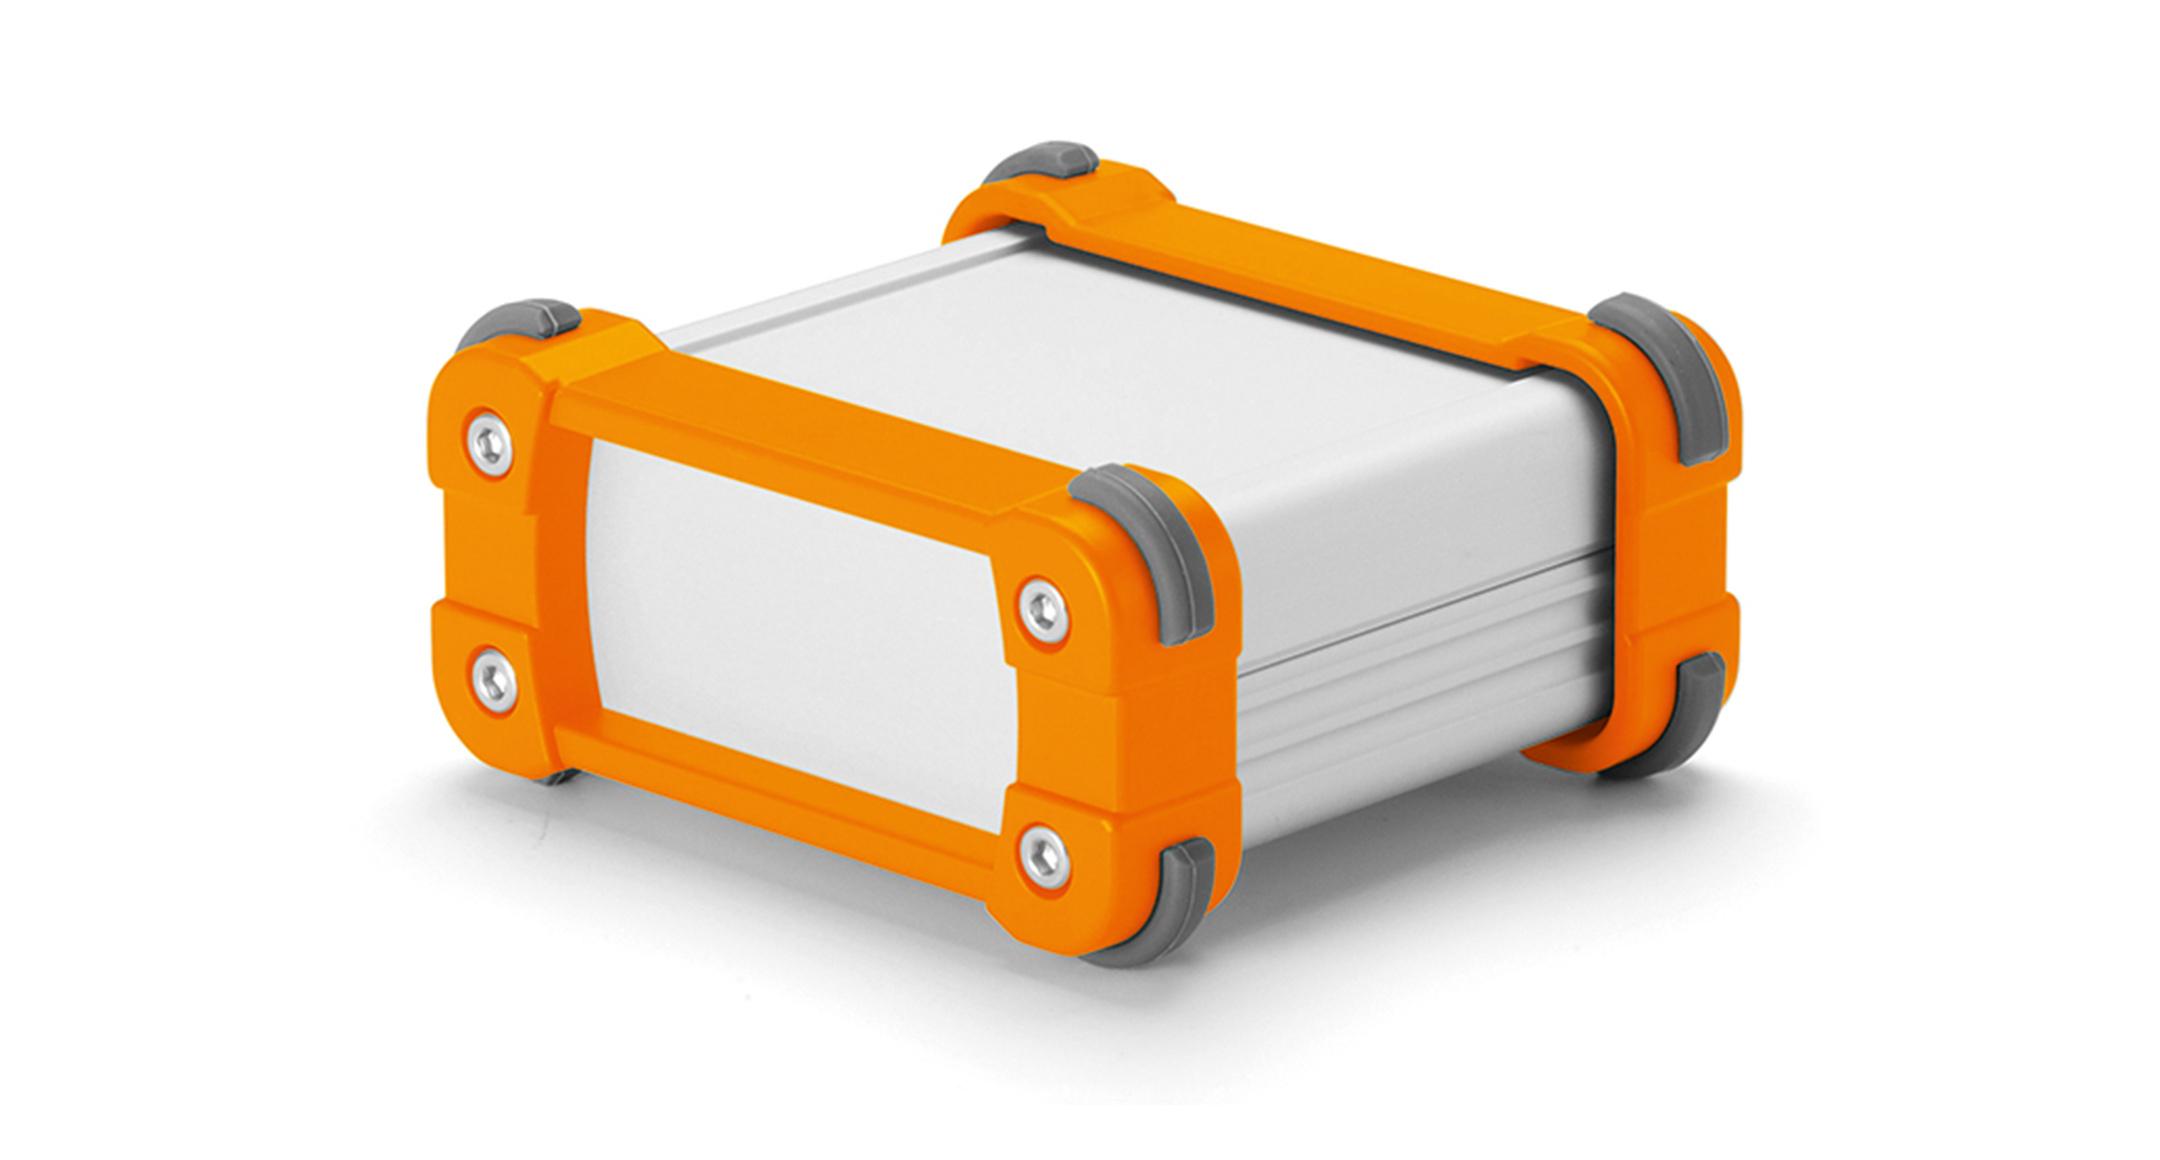 コーナーガード付アルミケース EXPシリーズ:シルバー/オレンジの画像